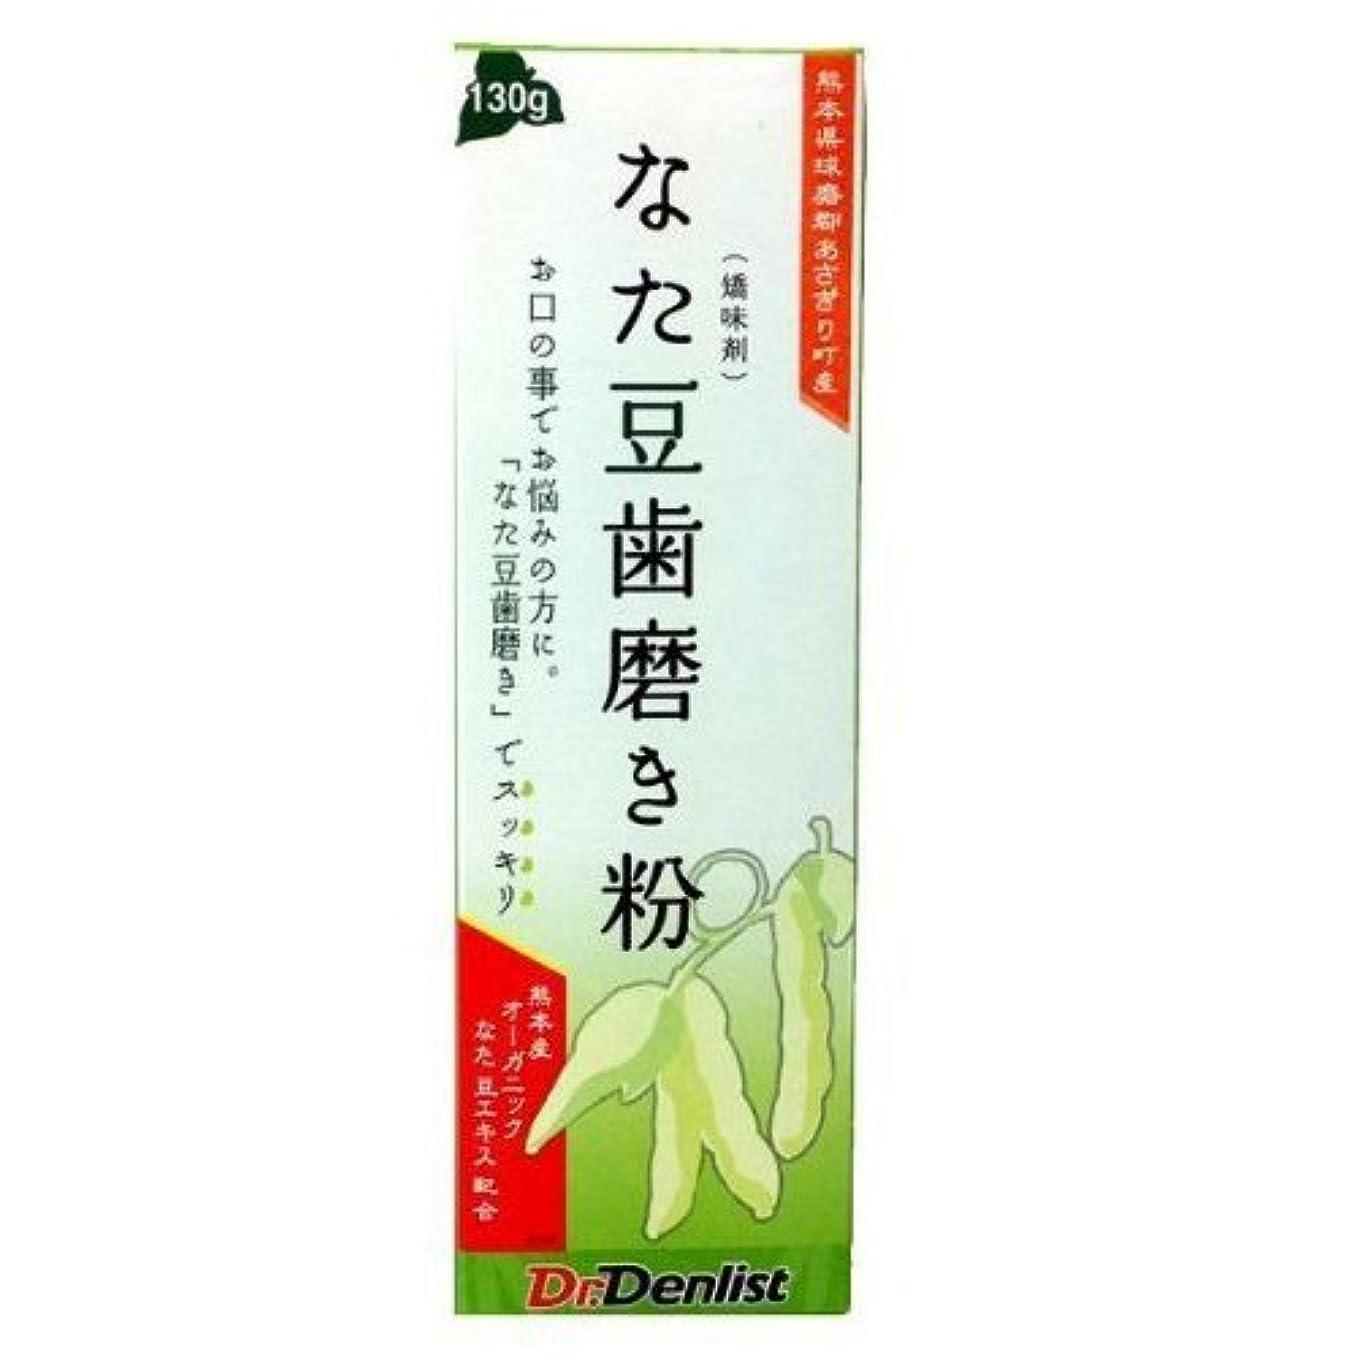 楕円形無実偽造なた豆歯磨き粉 国産 130g 熊本県球磨郡あさぎり町産